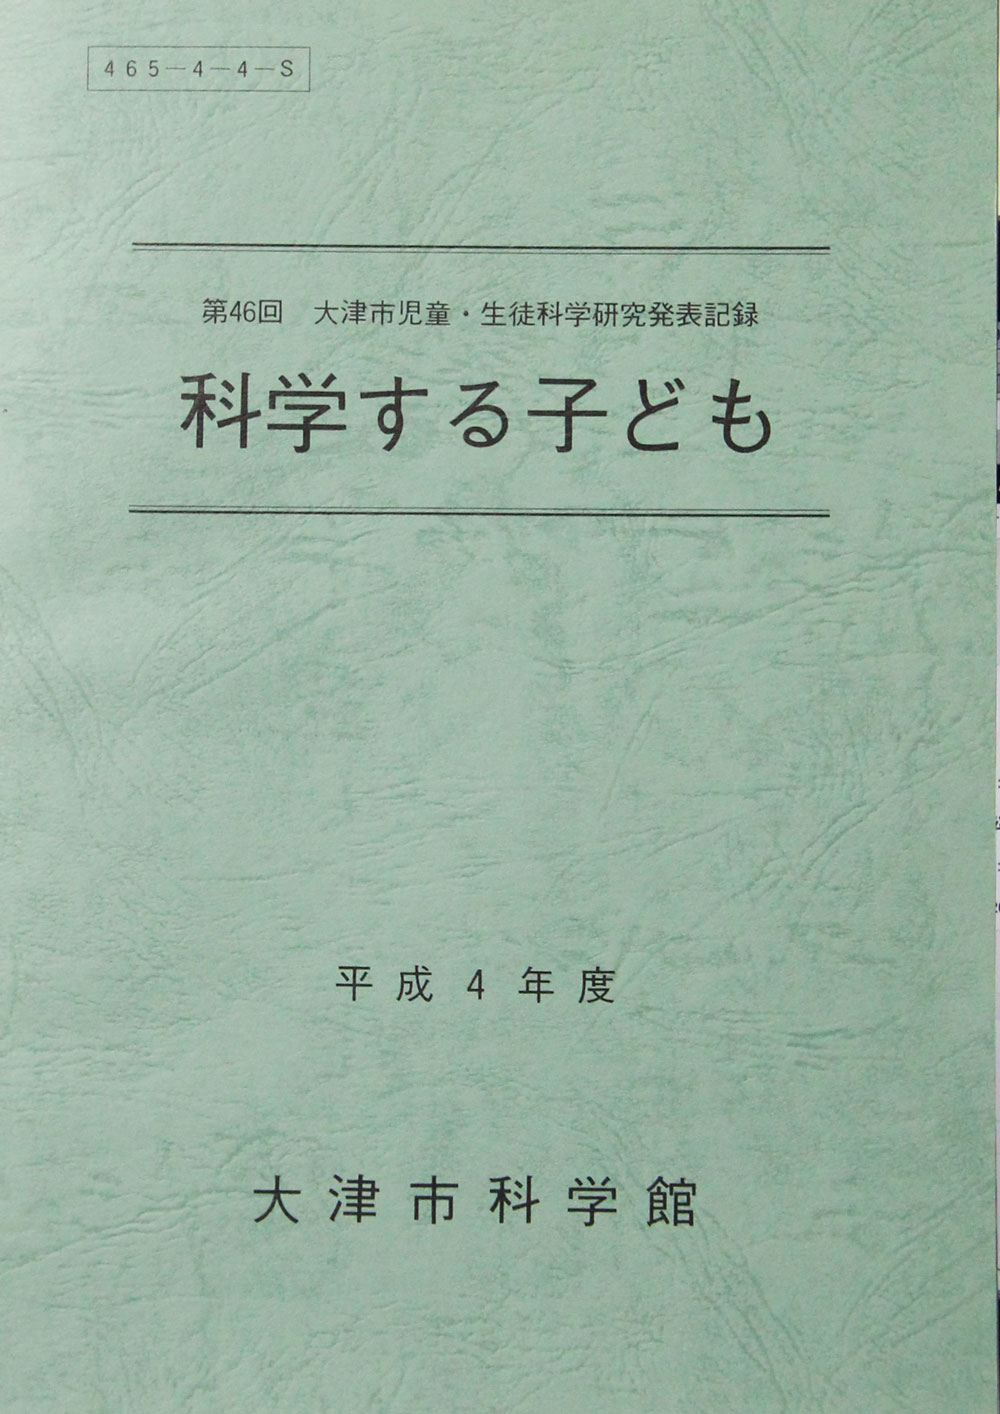 中学時代の研究発表会の冊子